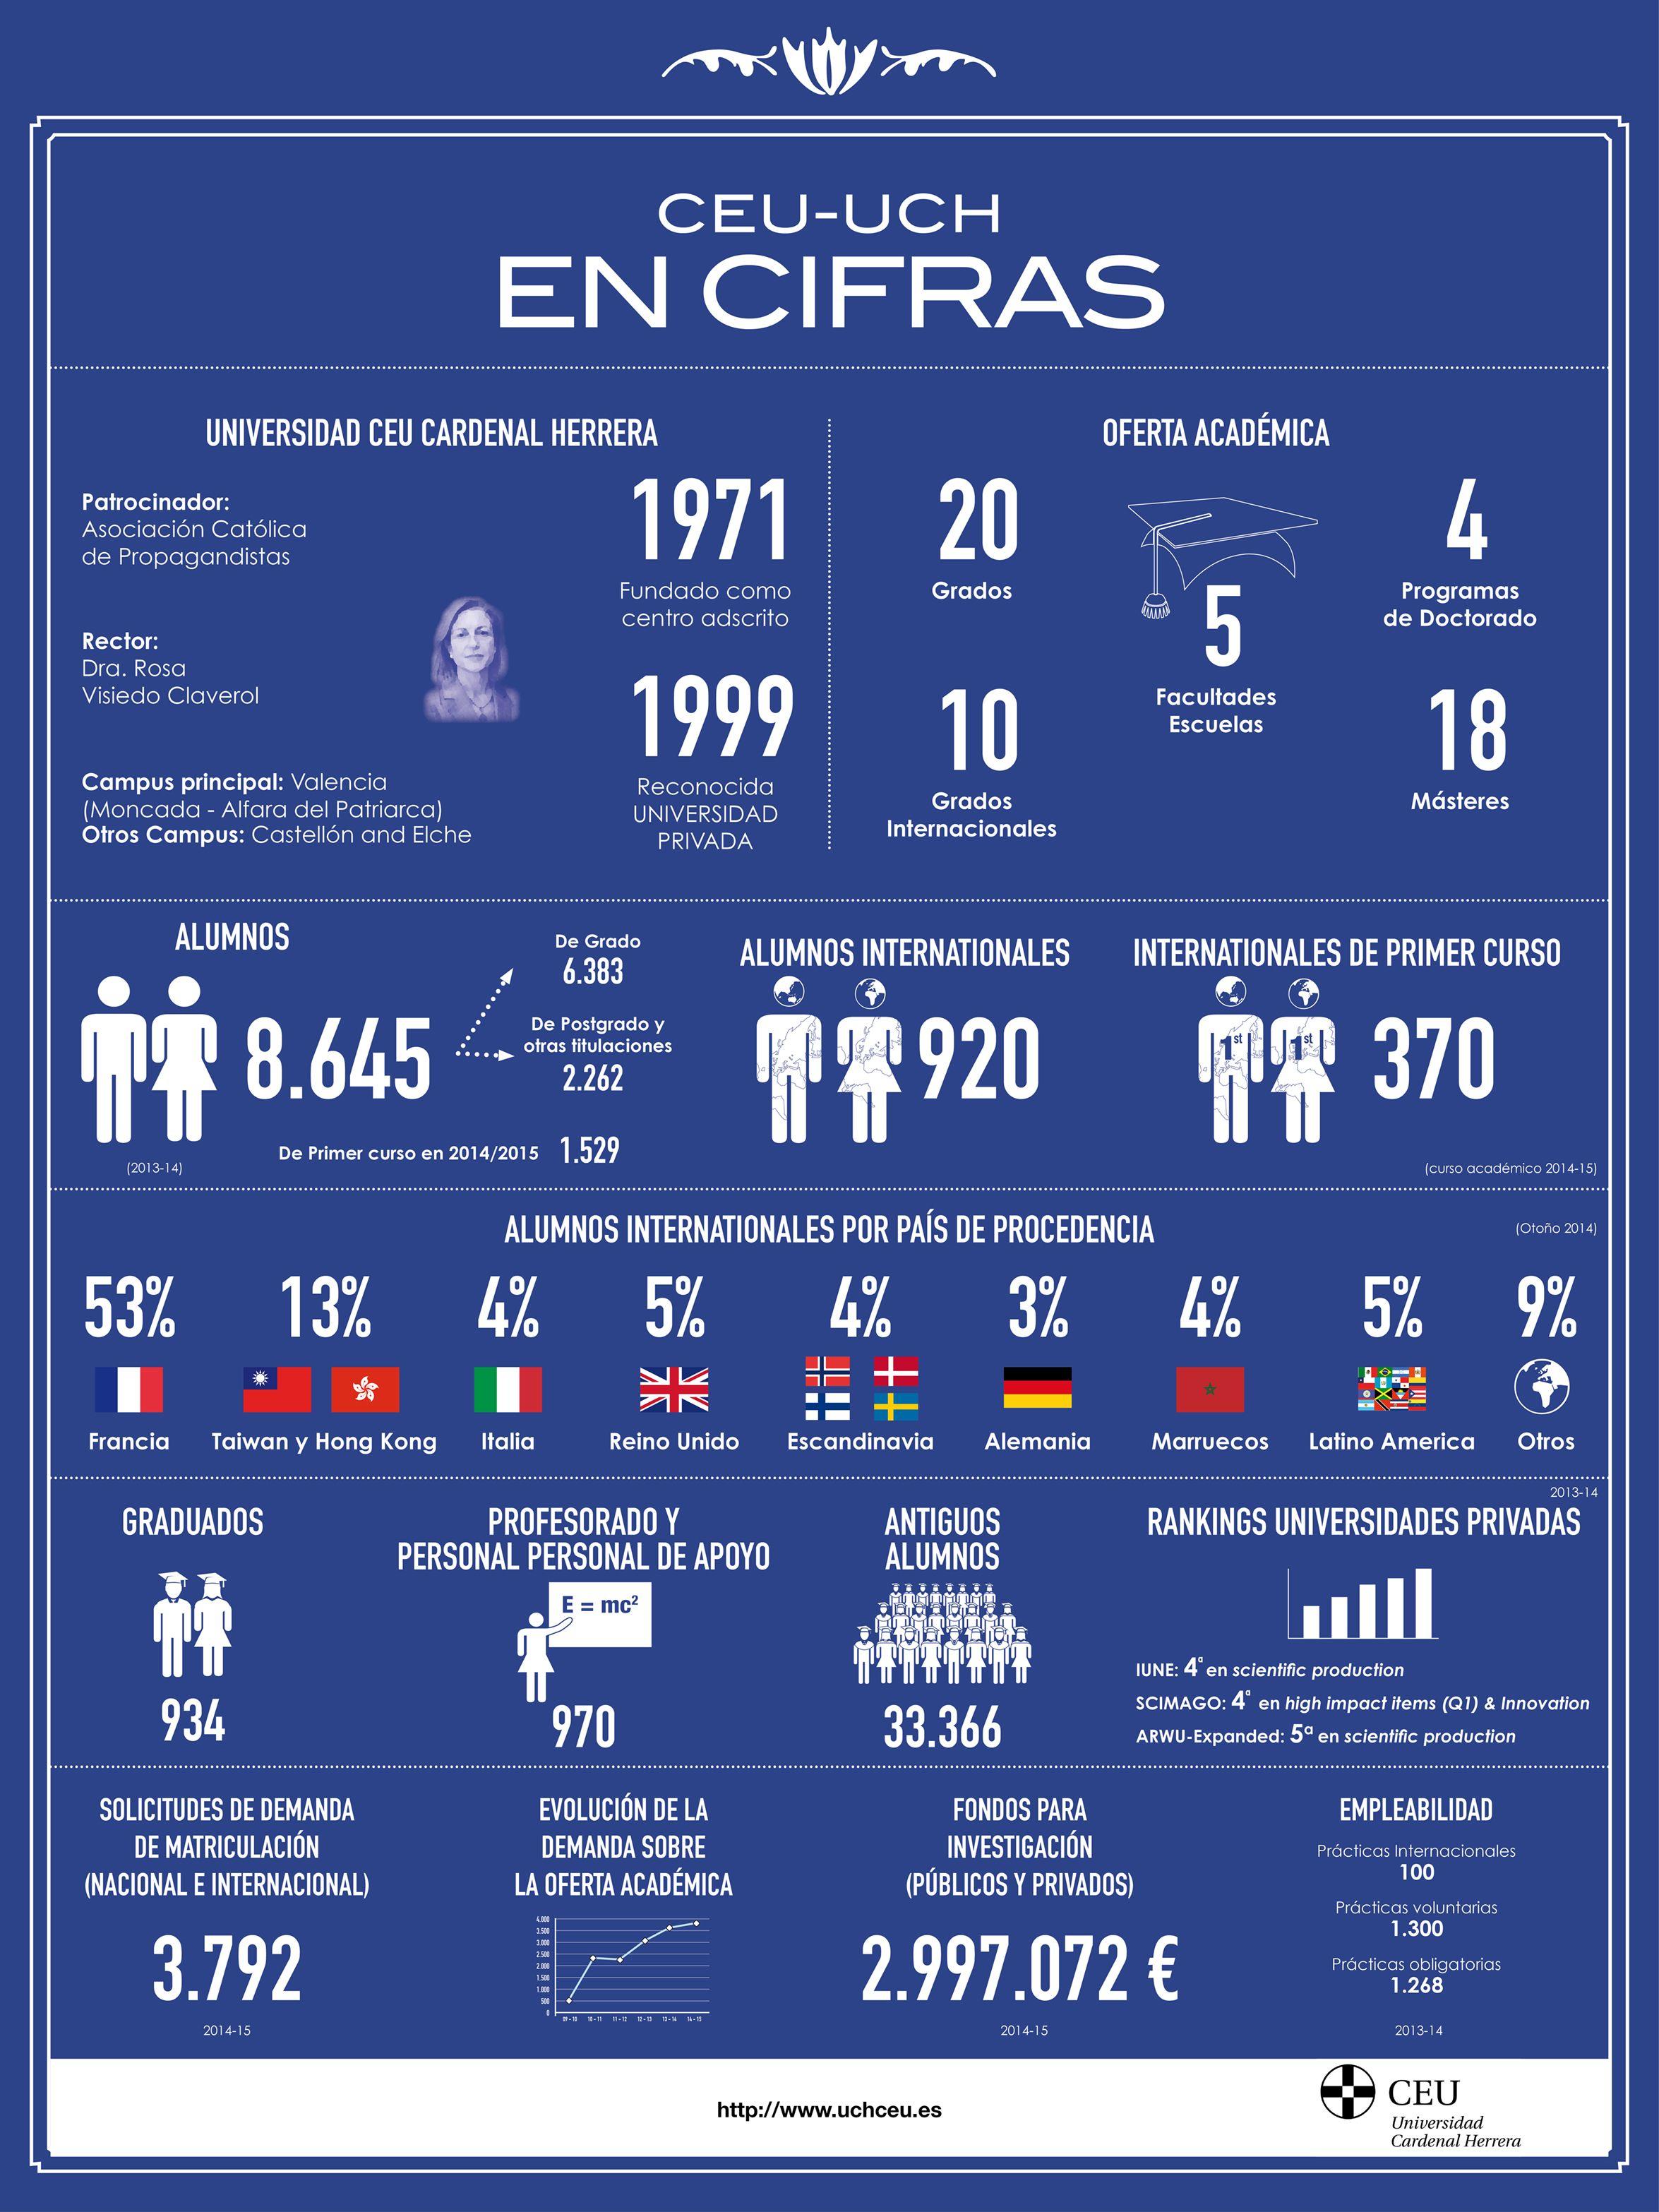 Las cifras clave de nuestra universidad con interesantes estadísticas que ponen de manifiesto nuestra vocación internacional.